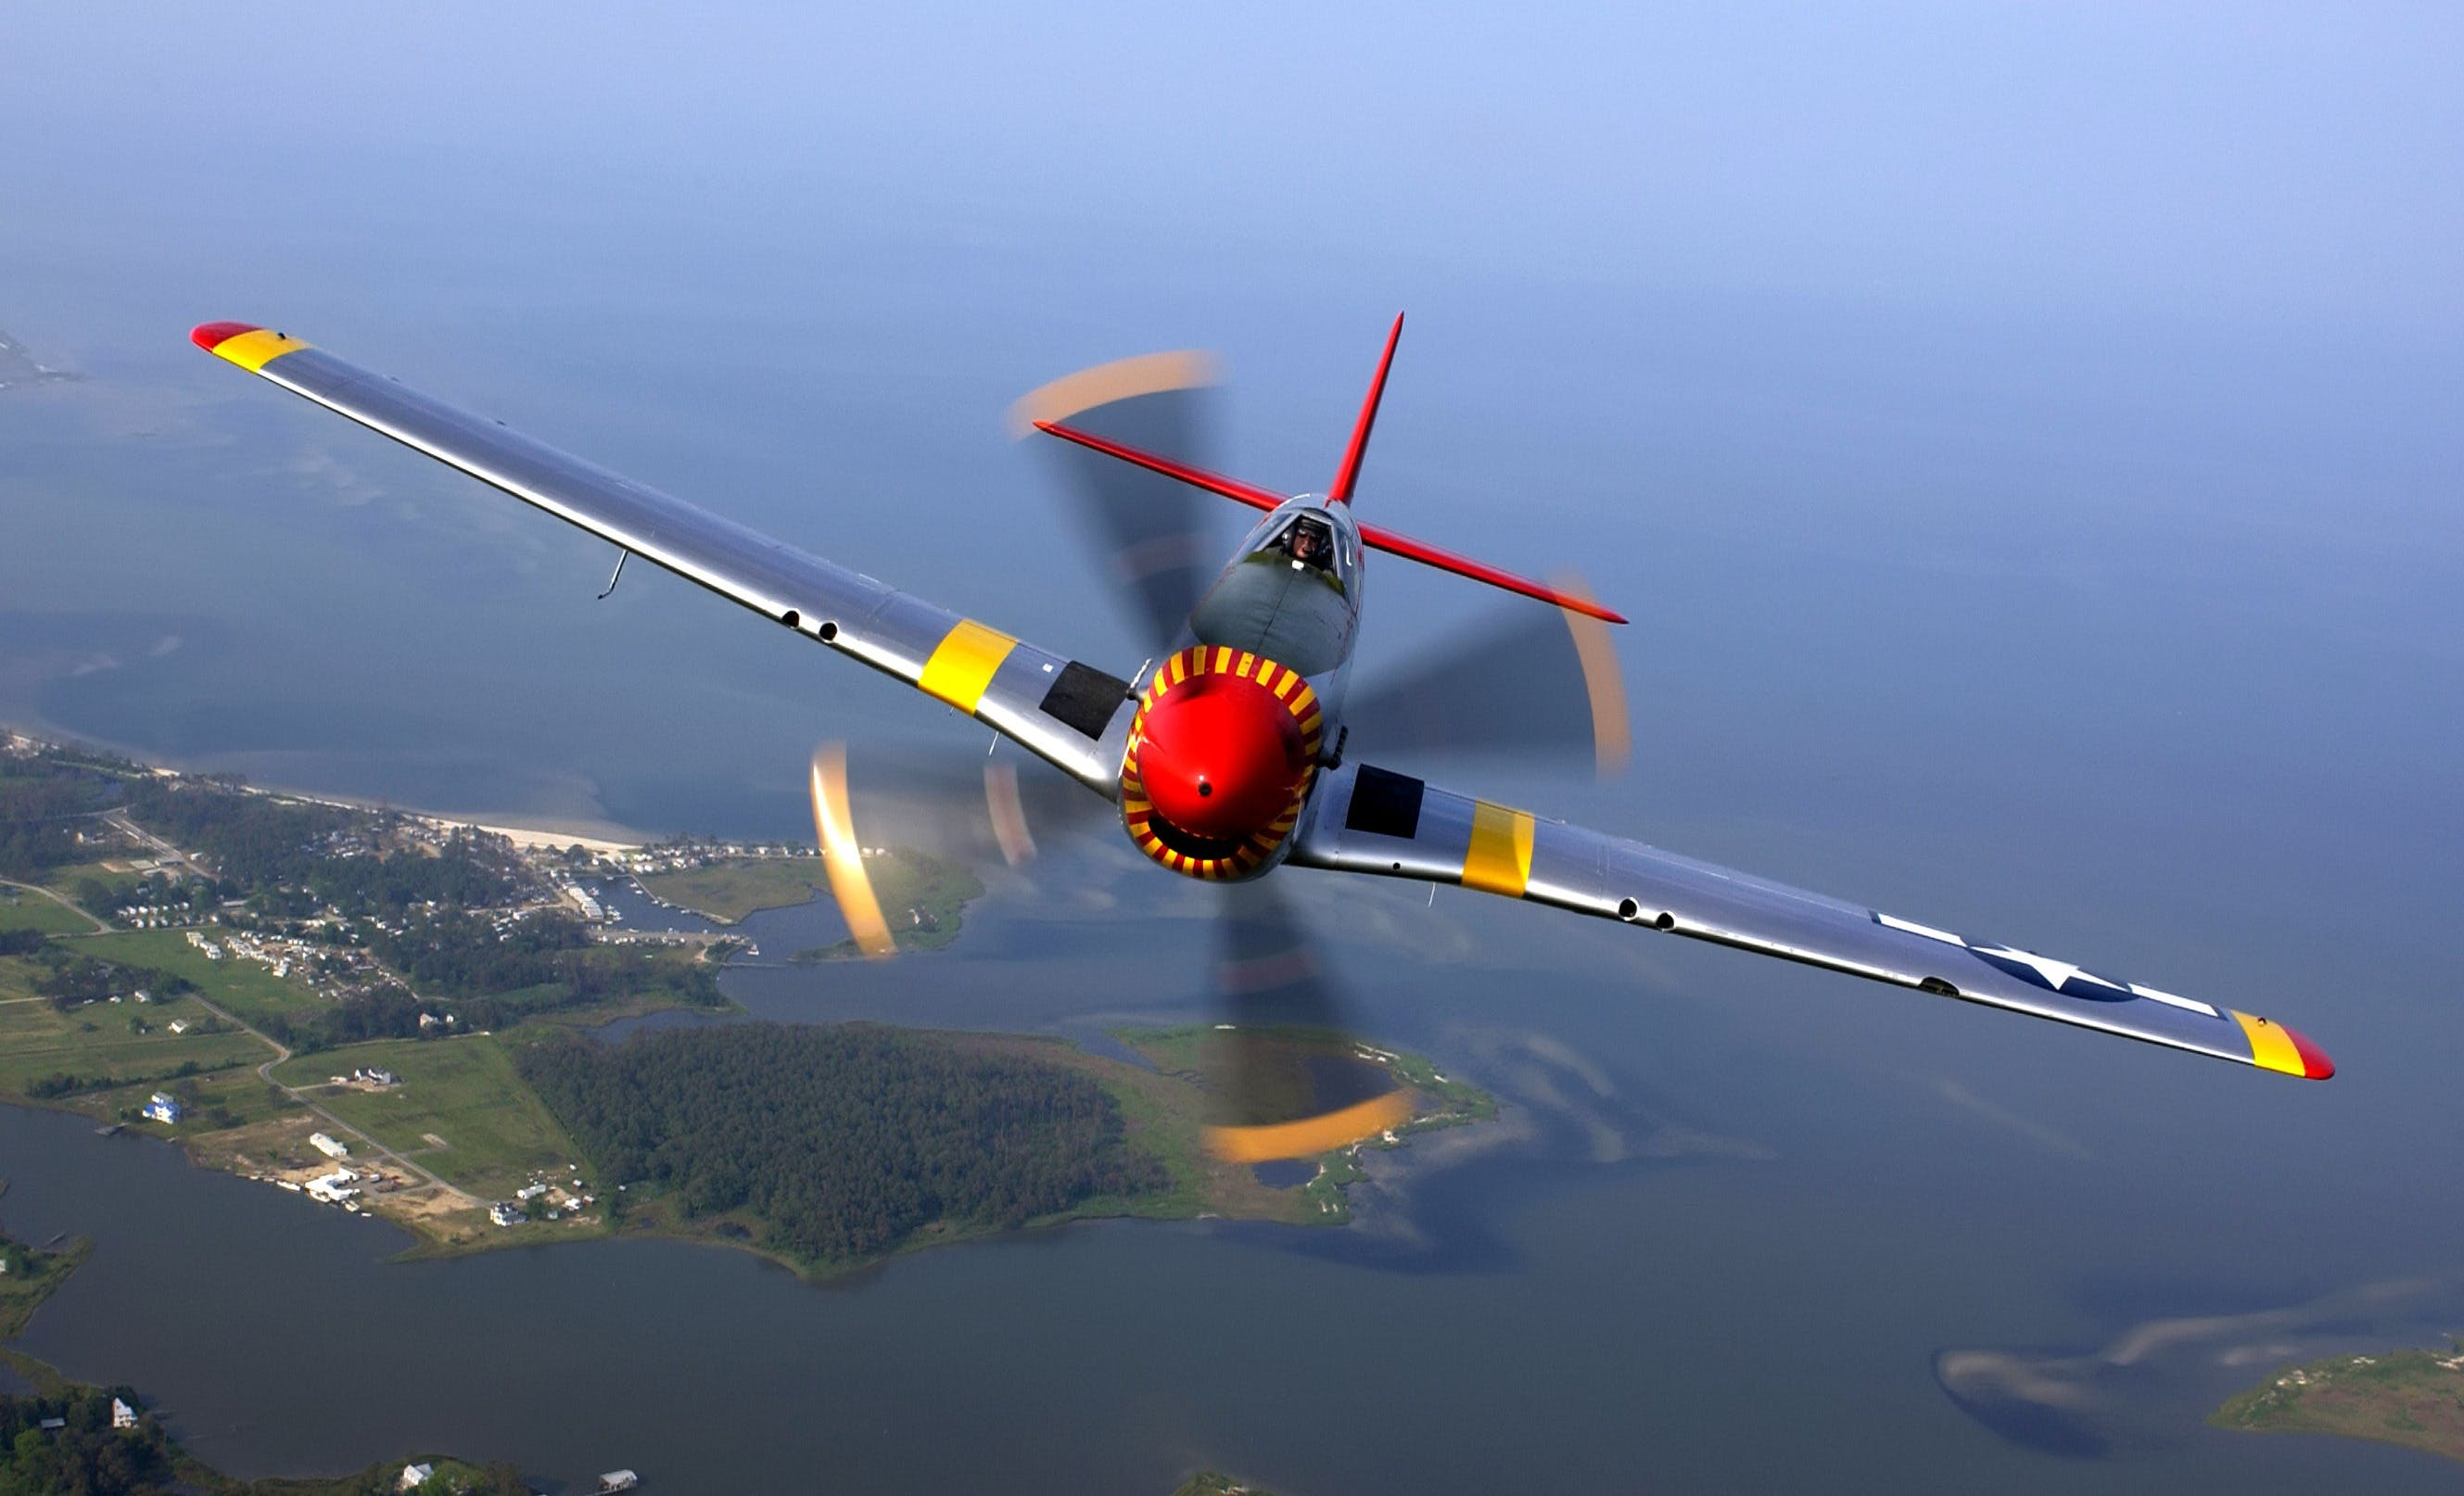 Kostenloses Stock Foto zu flug, fliegen, flugzeug, luftfahrt